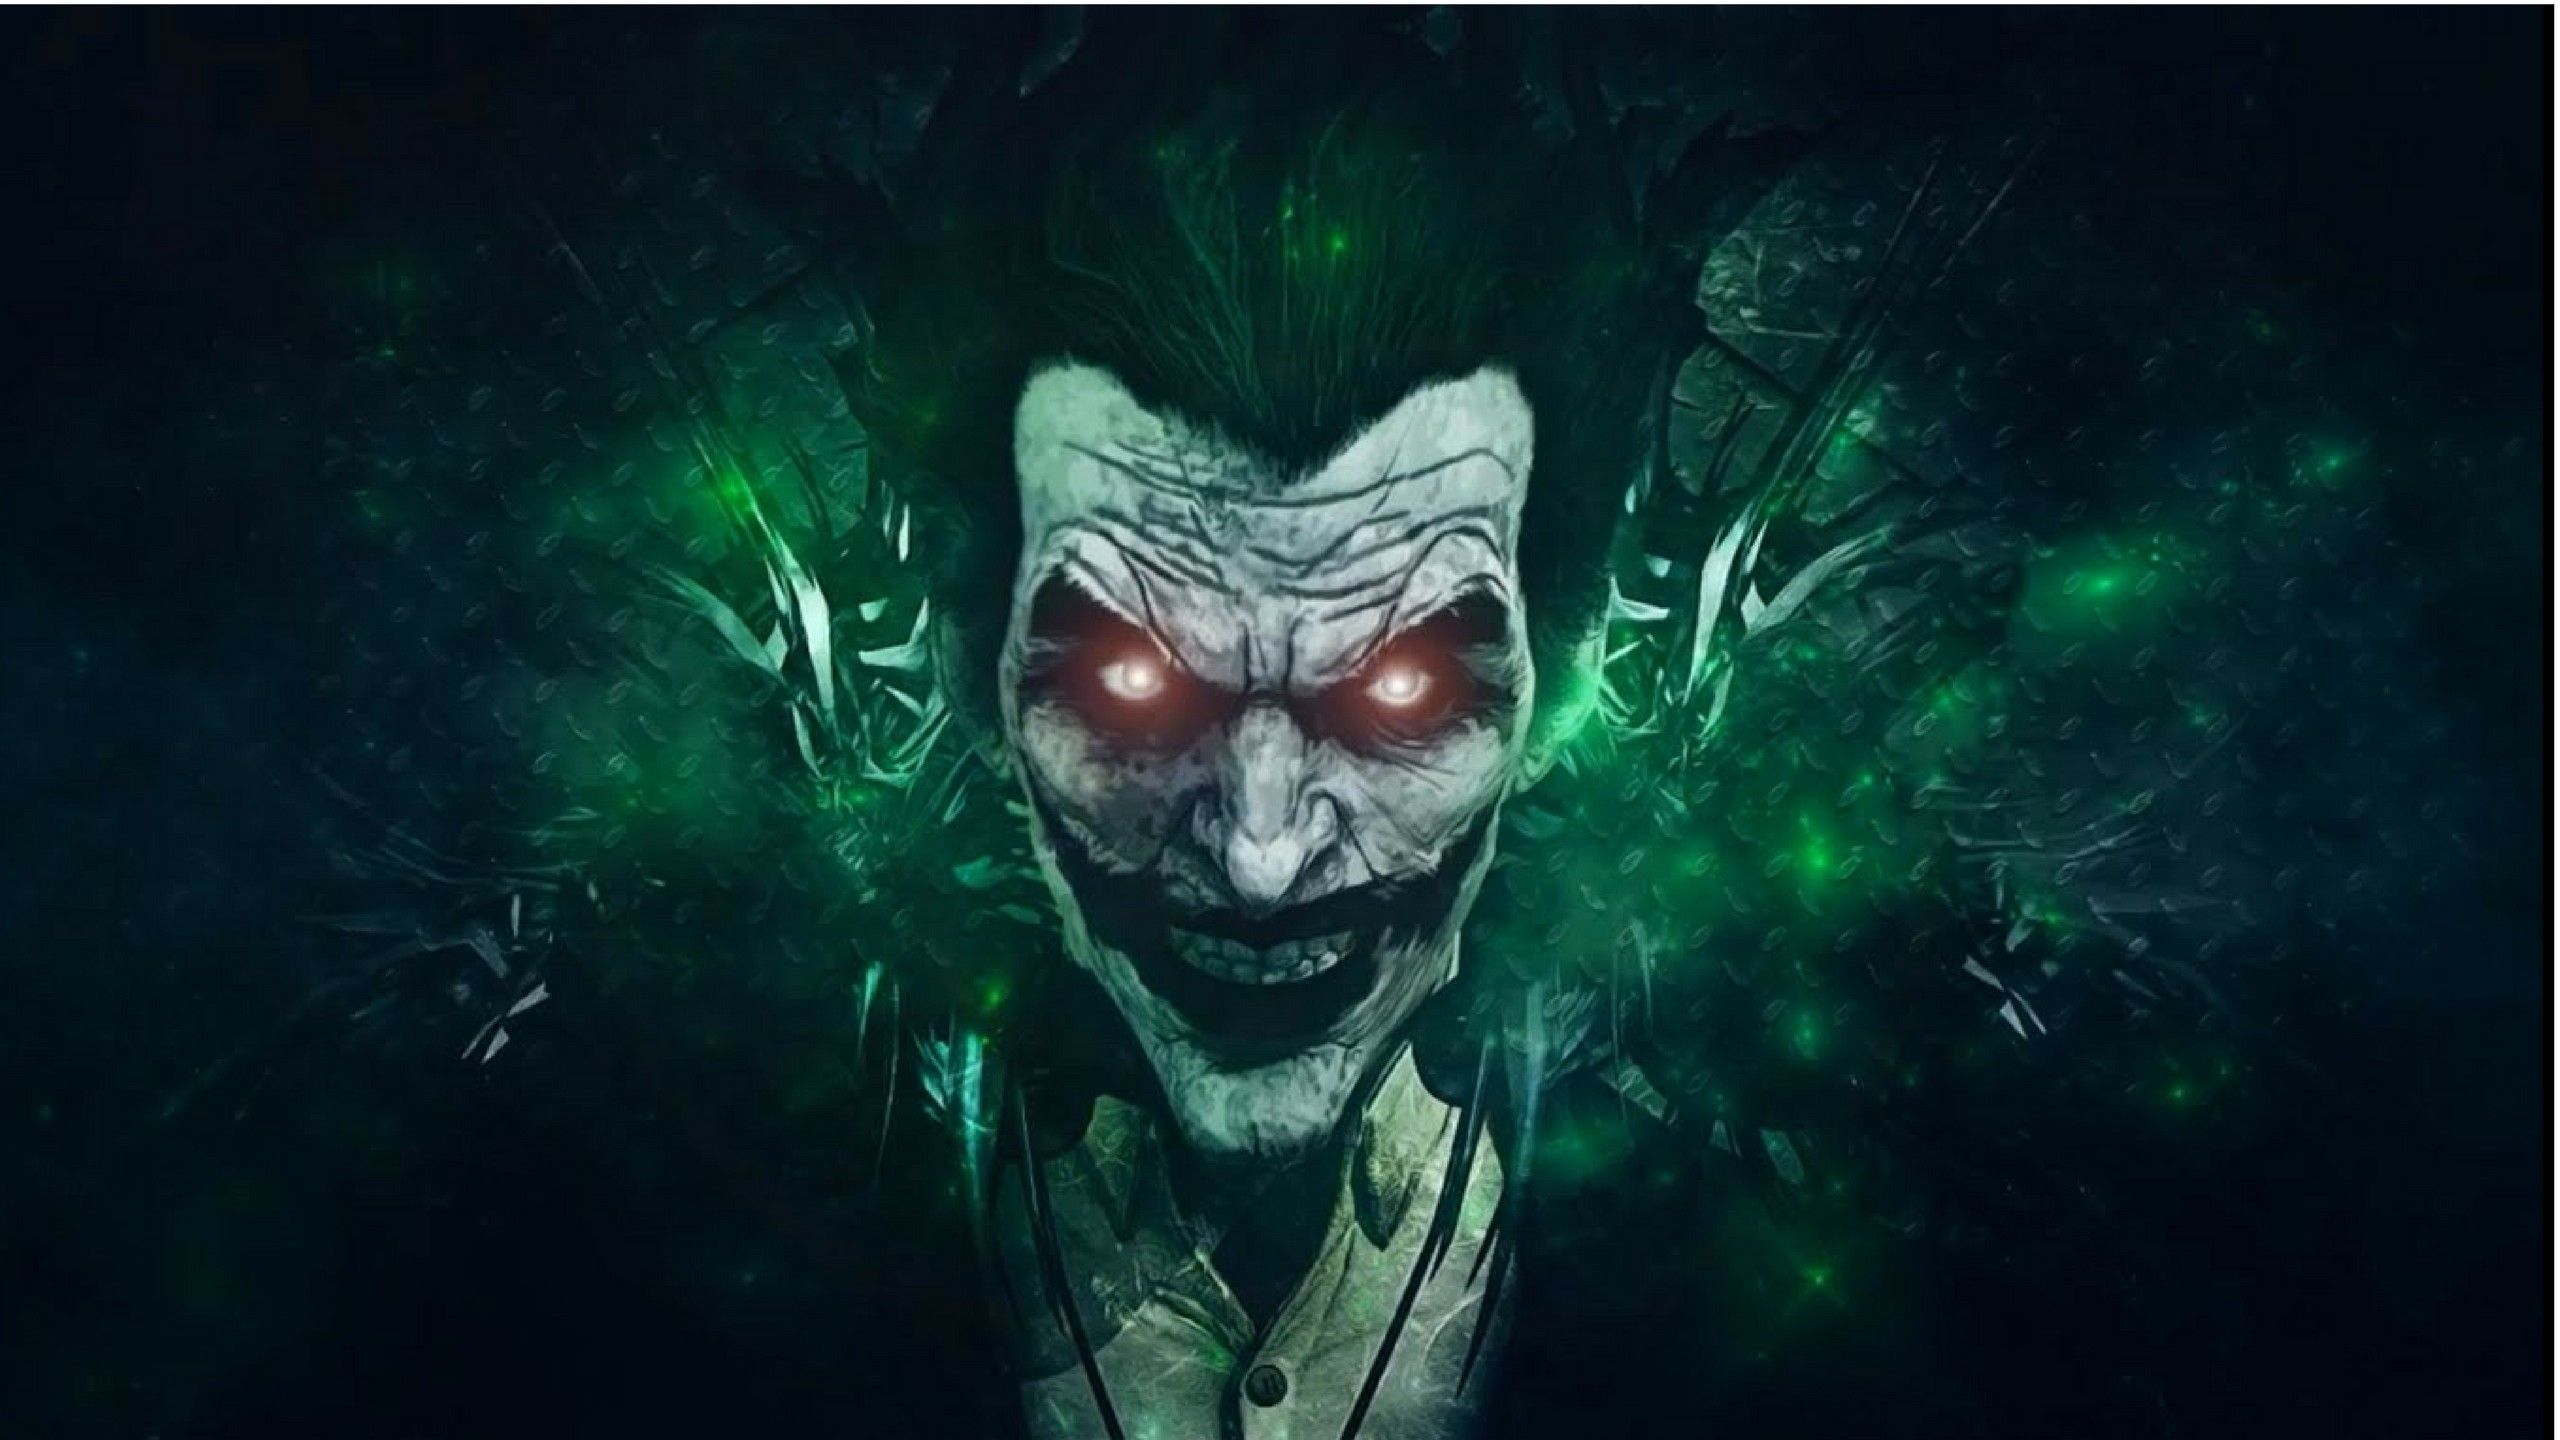 Joker Hd Wallpapers 1080p 80 Images In 2020 Joker Hd Wallpaper Joker Images Joker Wallpapers